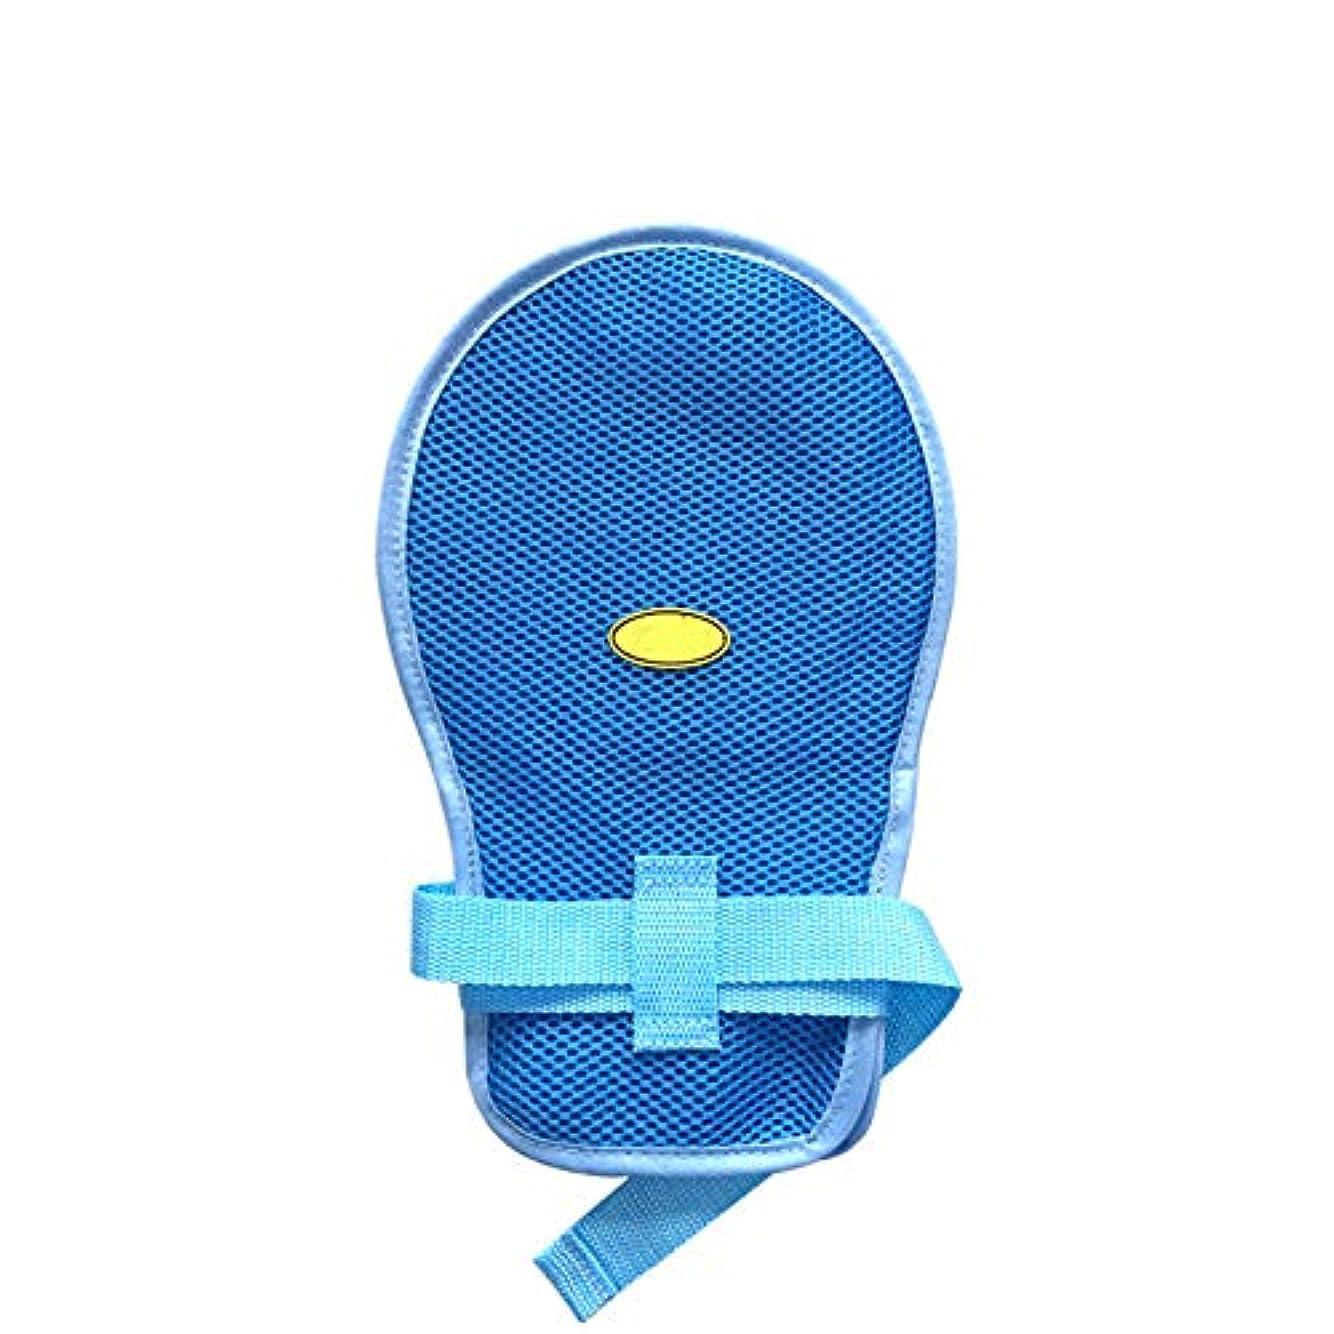 椅子実装する思いやりのある医療用コントロールミット - ハンドプロテクターパッド入りミット - 高齢者認知症安全拘束手袋 - ワンサイズ(1個)